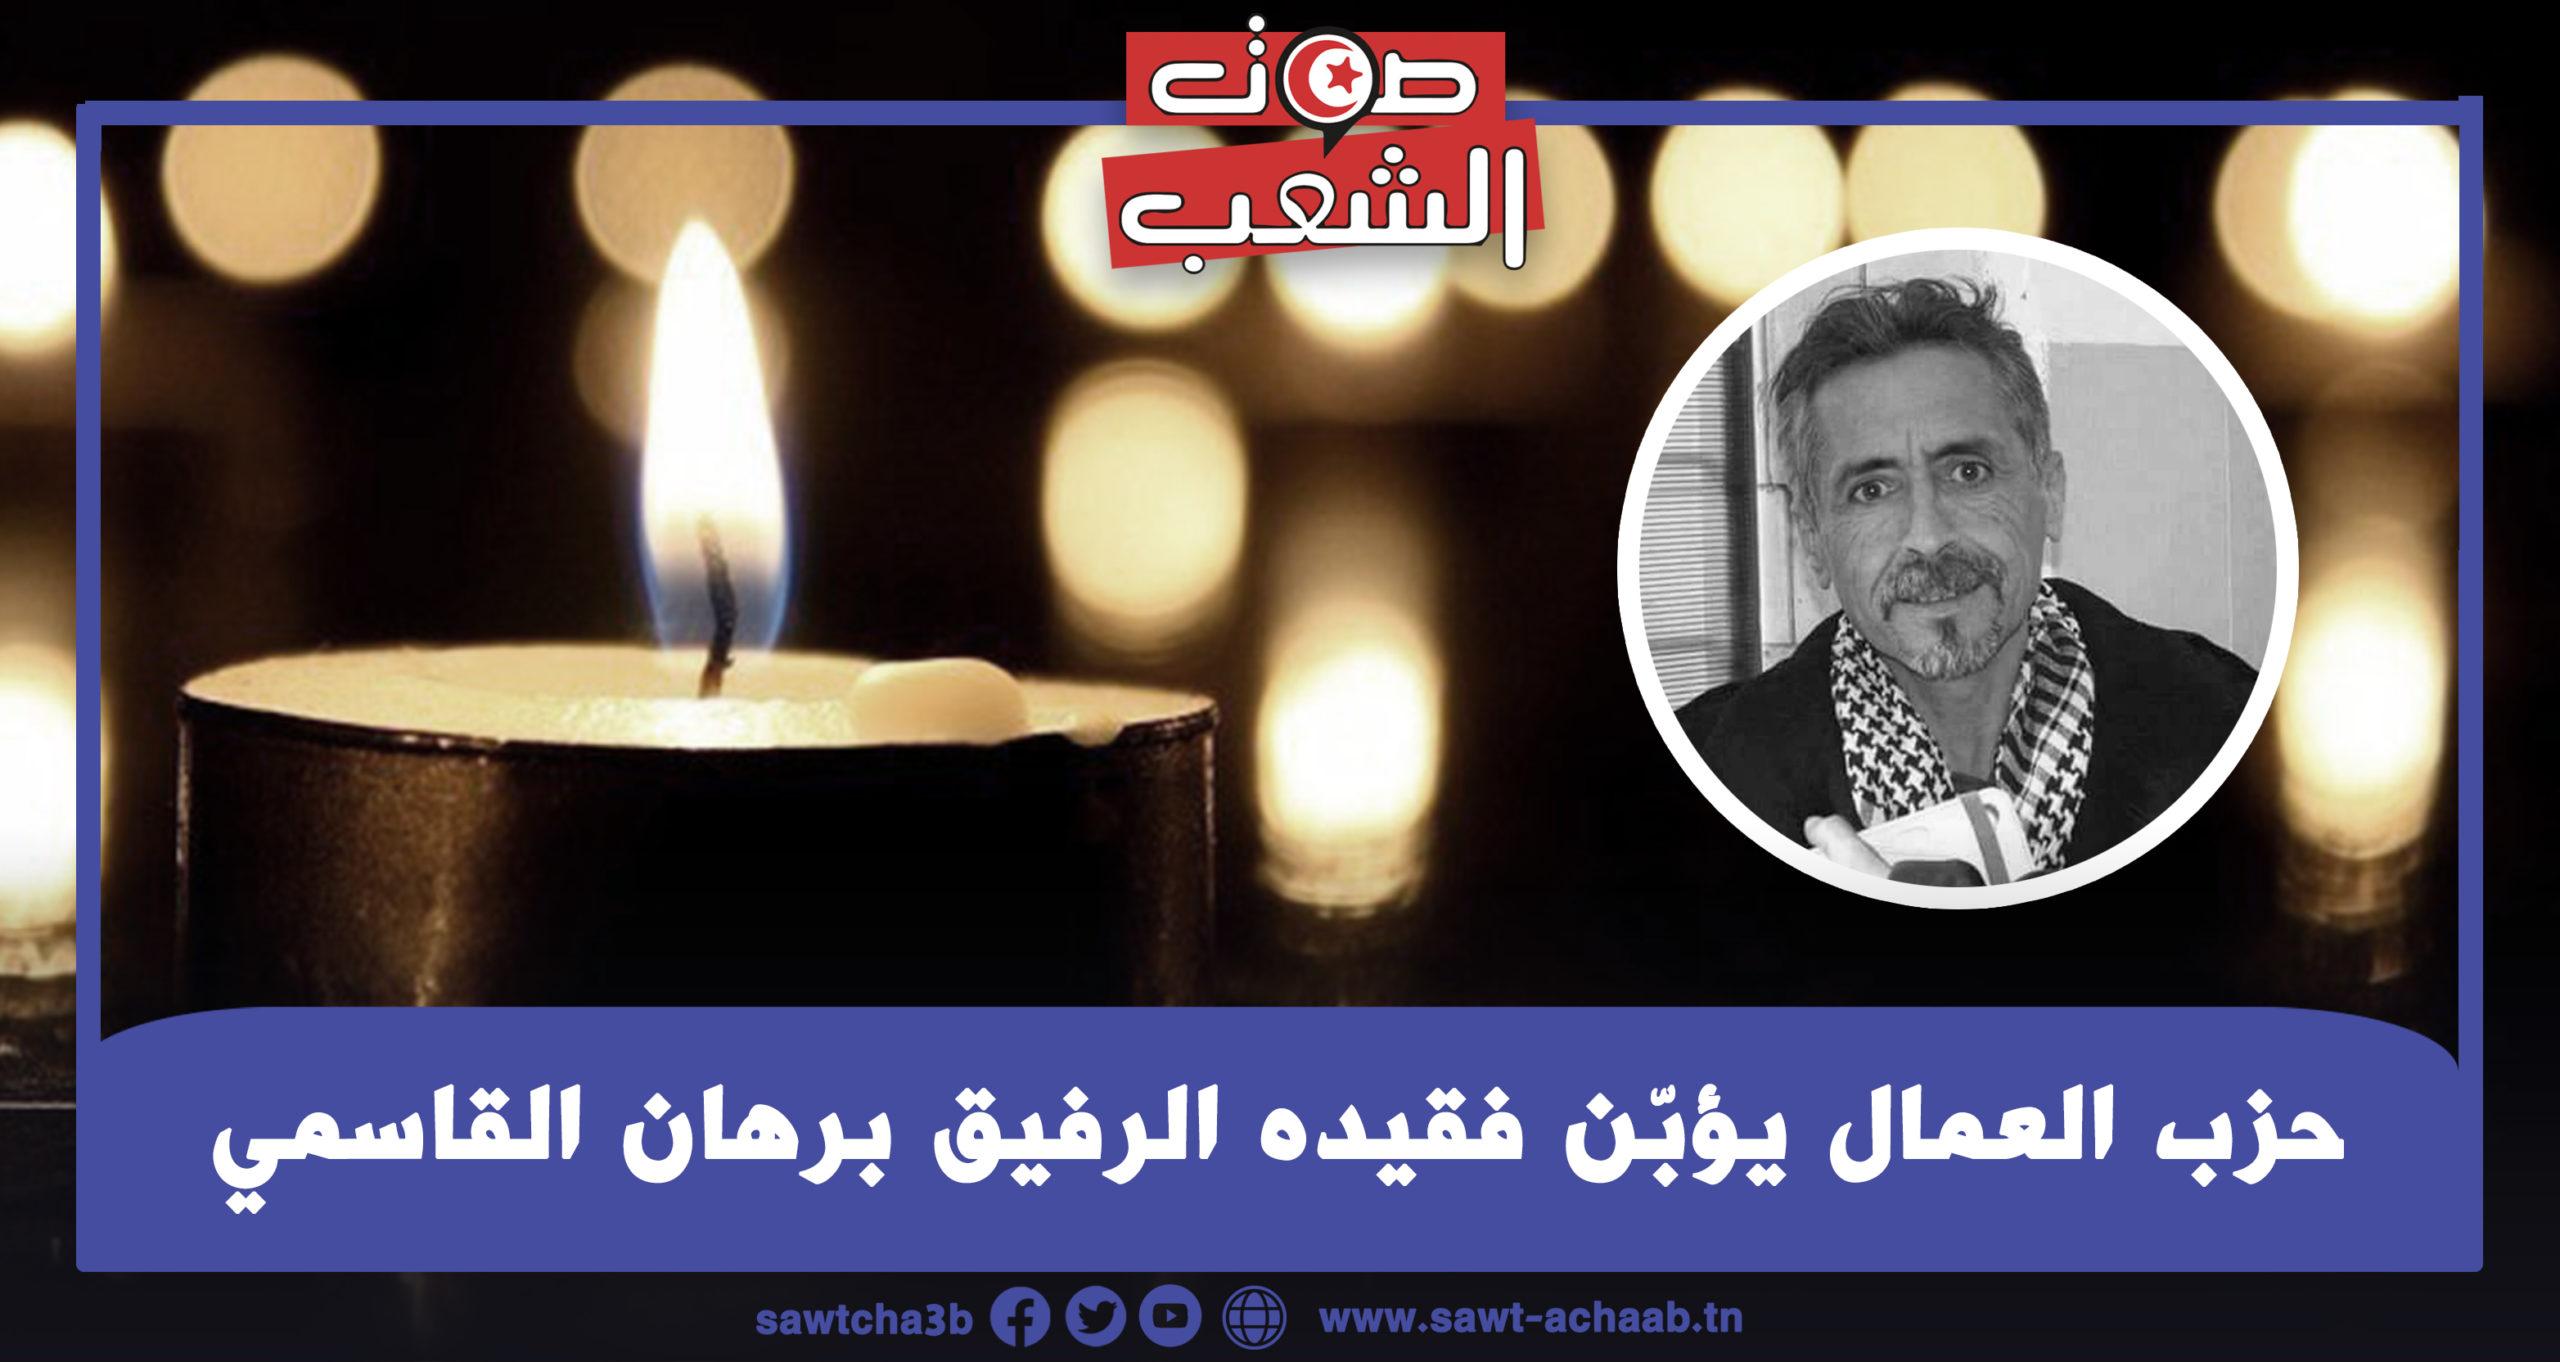 حزب العمال يؤبّن فقيده الرفيق برهان القاسمي